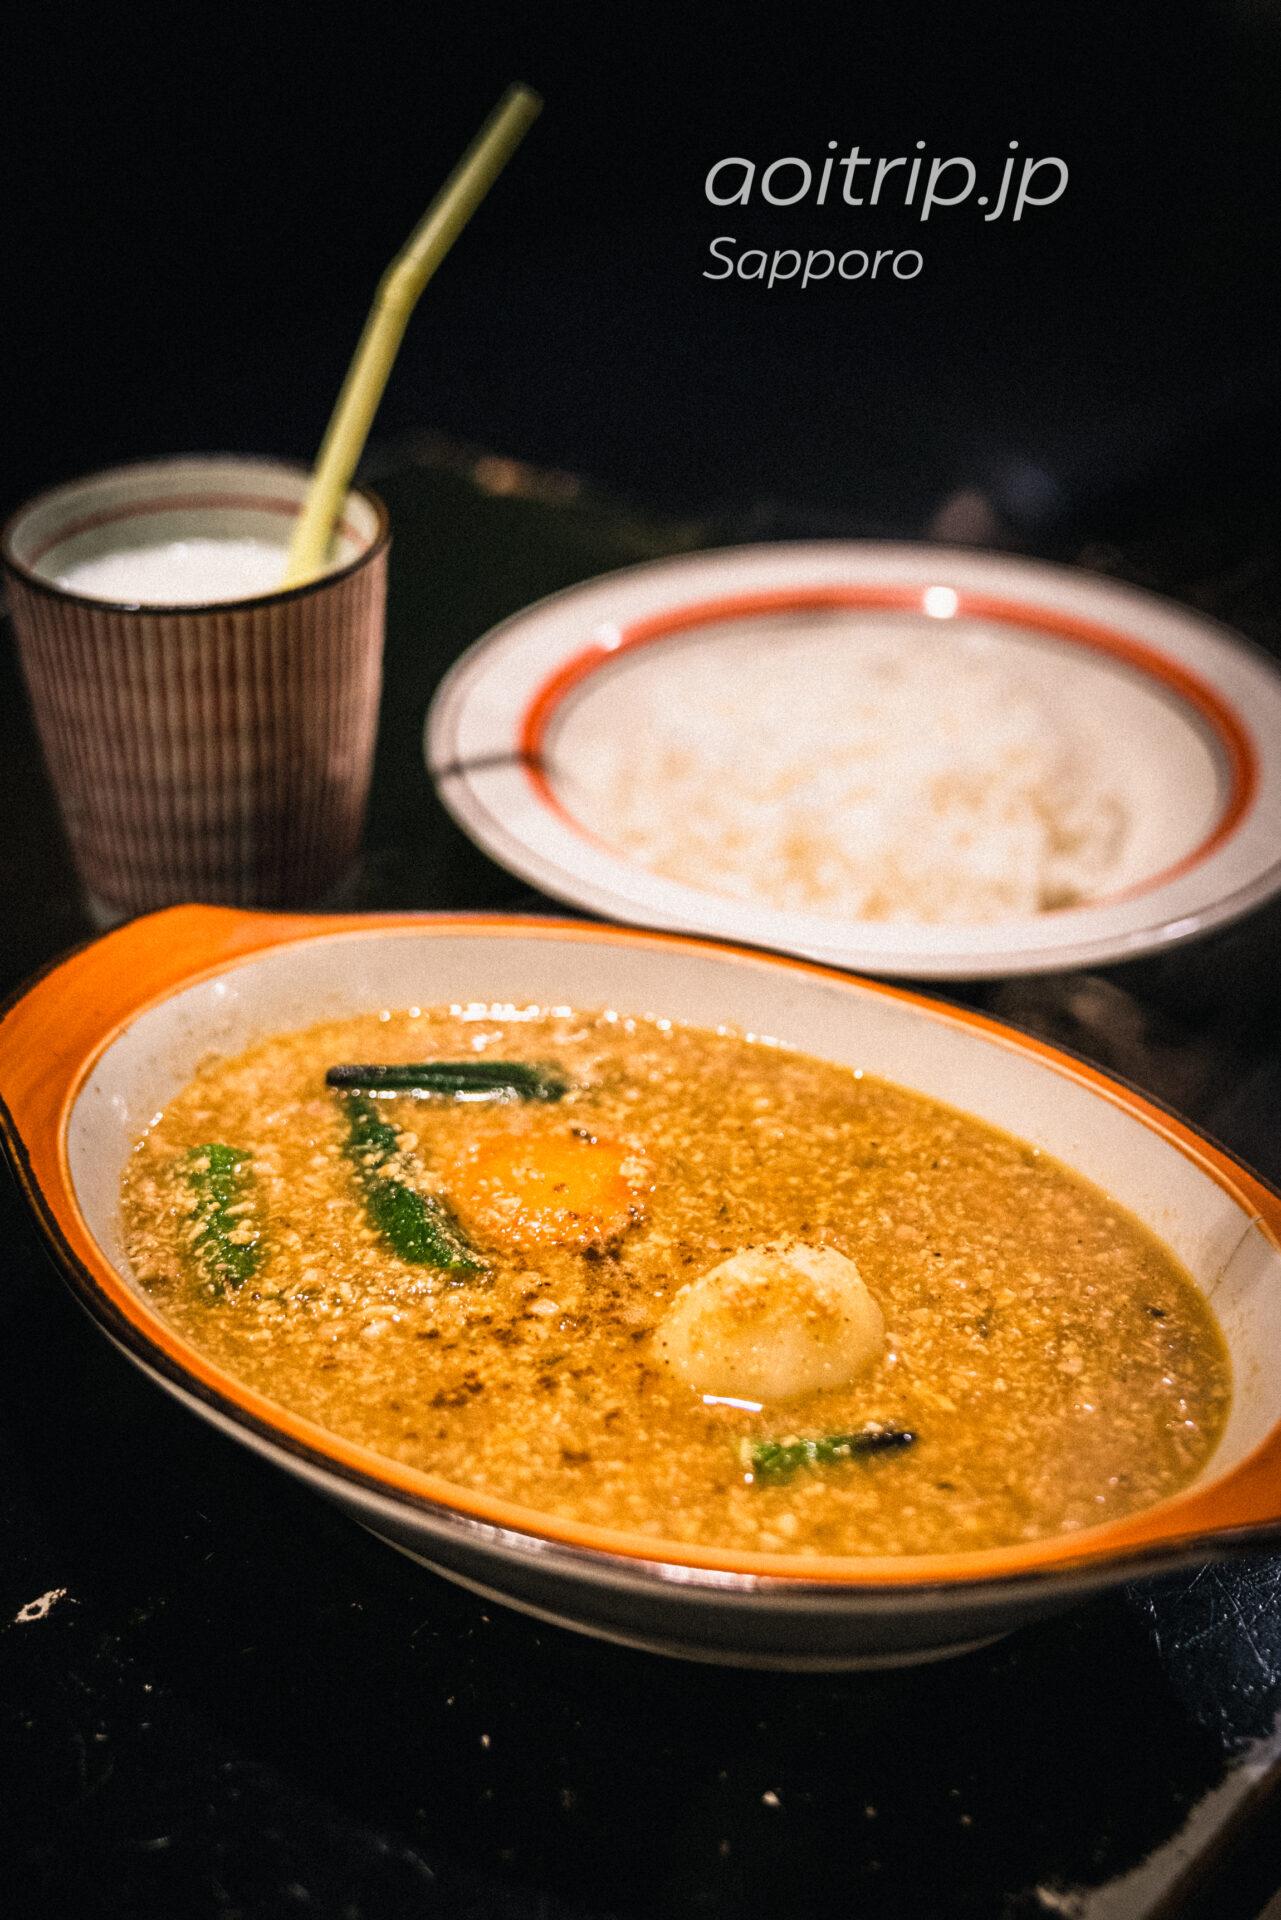 村上カレー プルプル ひきわり納豆と鶏肉のひき肉カレー「ナット・挽肉ベジタブル」